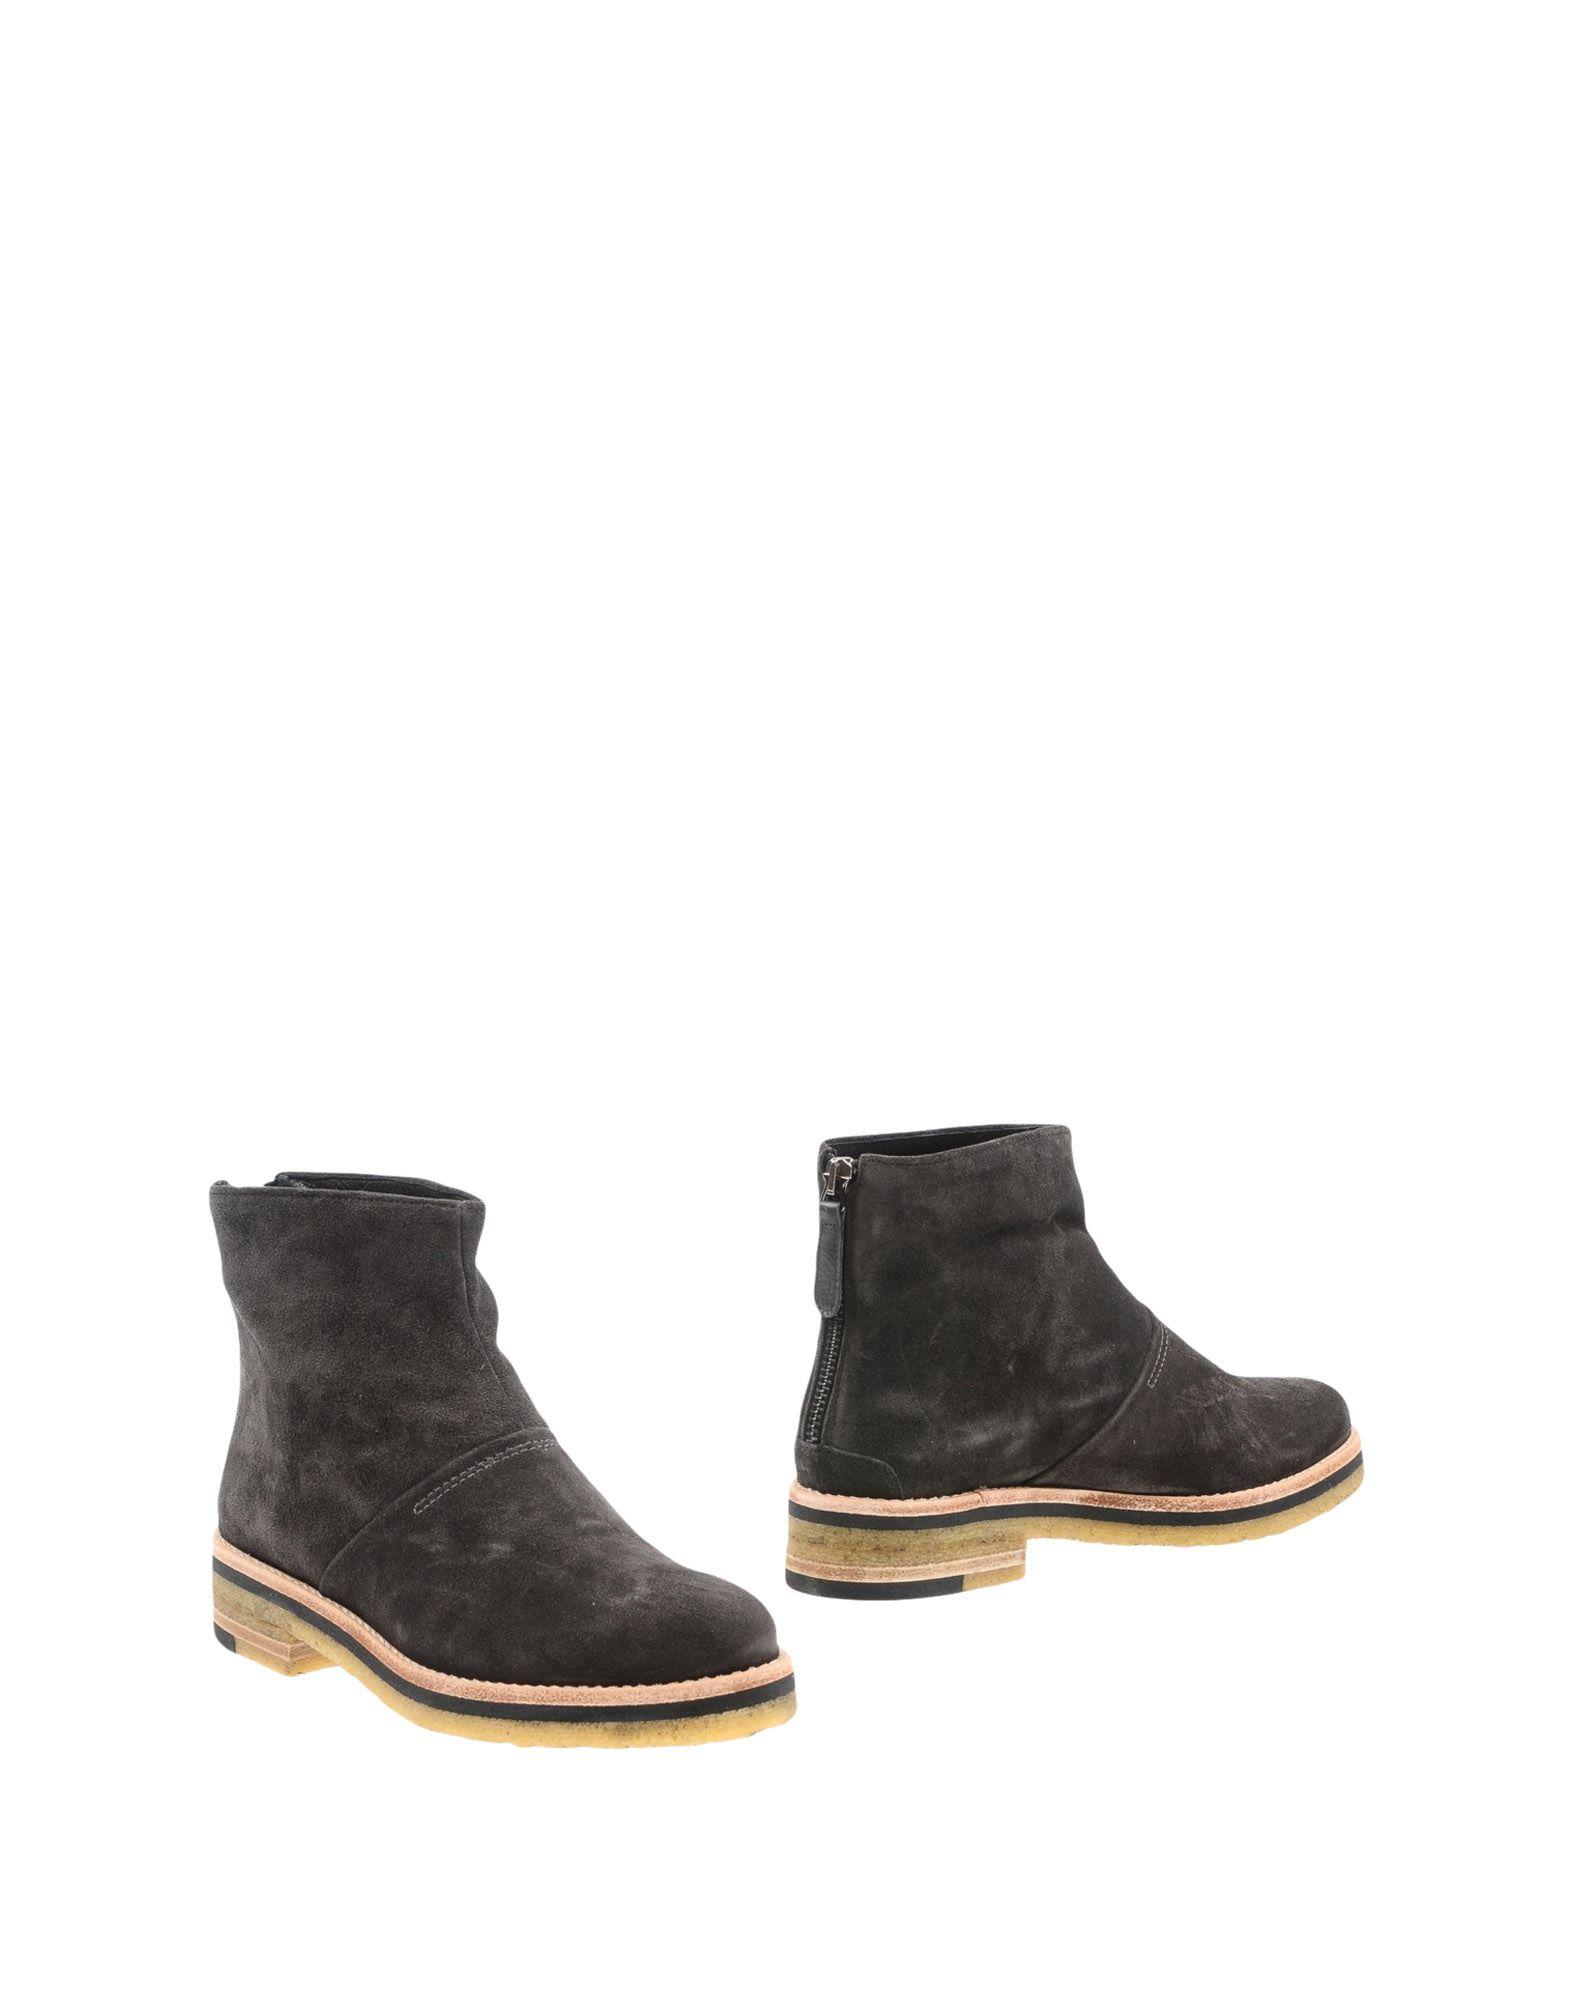 ZINDA Полусапоги и высокие ботинки цены онлайн